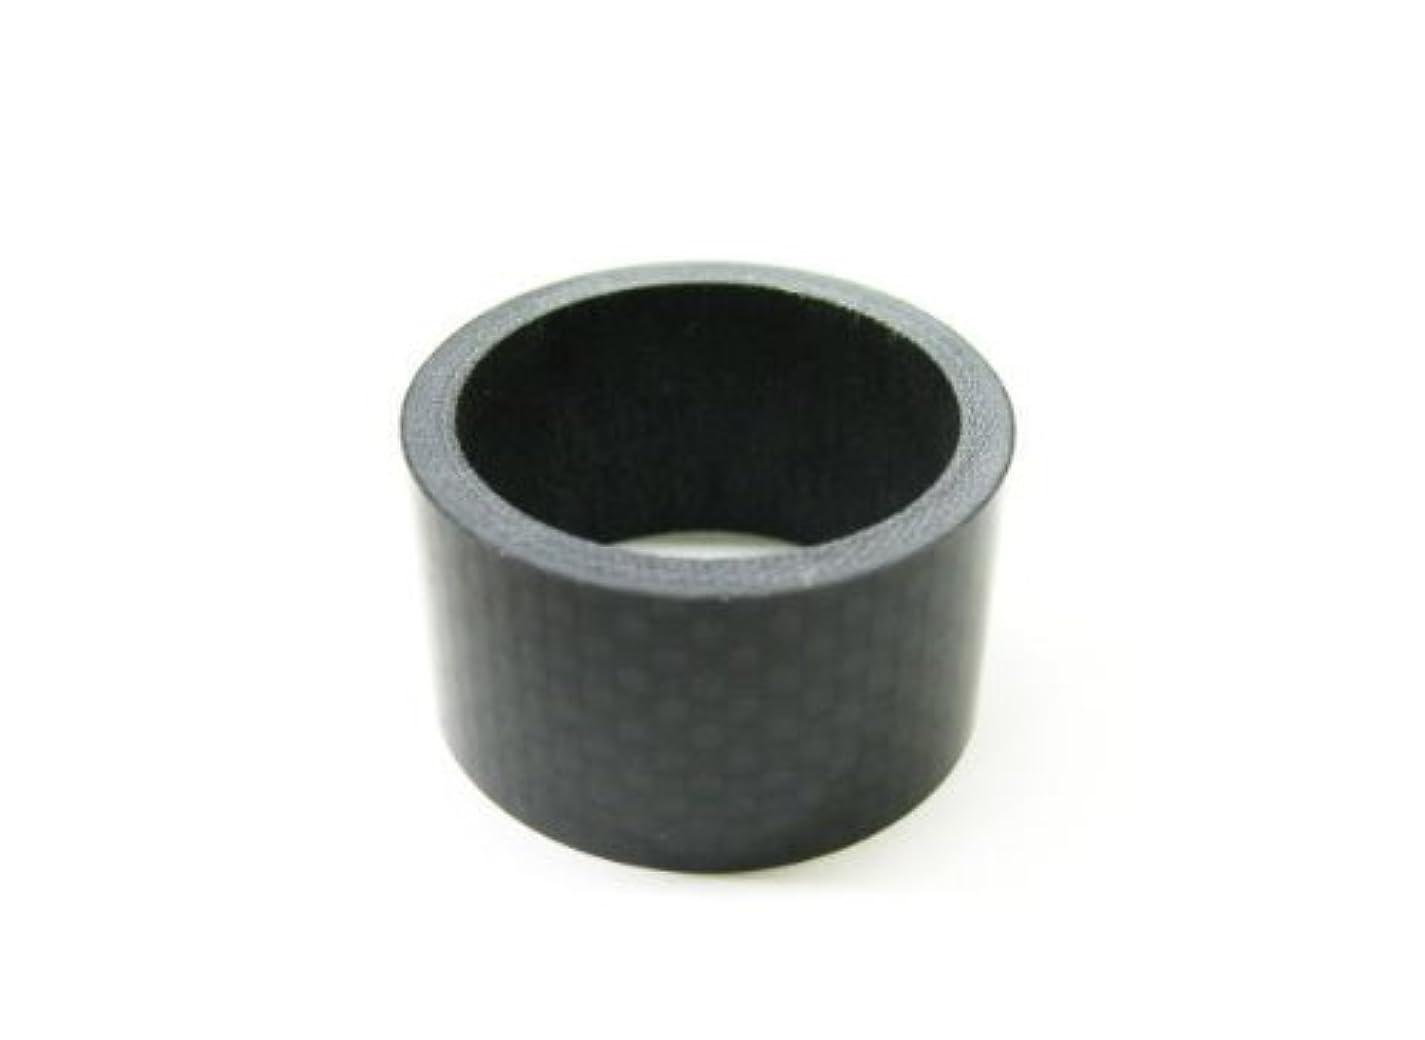 祭司犯罪相反するDIA COMPE(ダイア コンペ) ヘッドコラム アルミニウムスペーサー 1インチ (φ25.4) 10mm シルバー